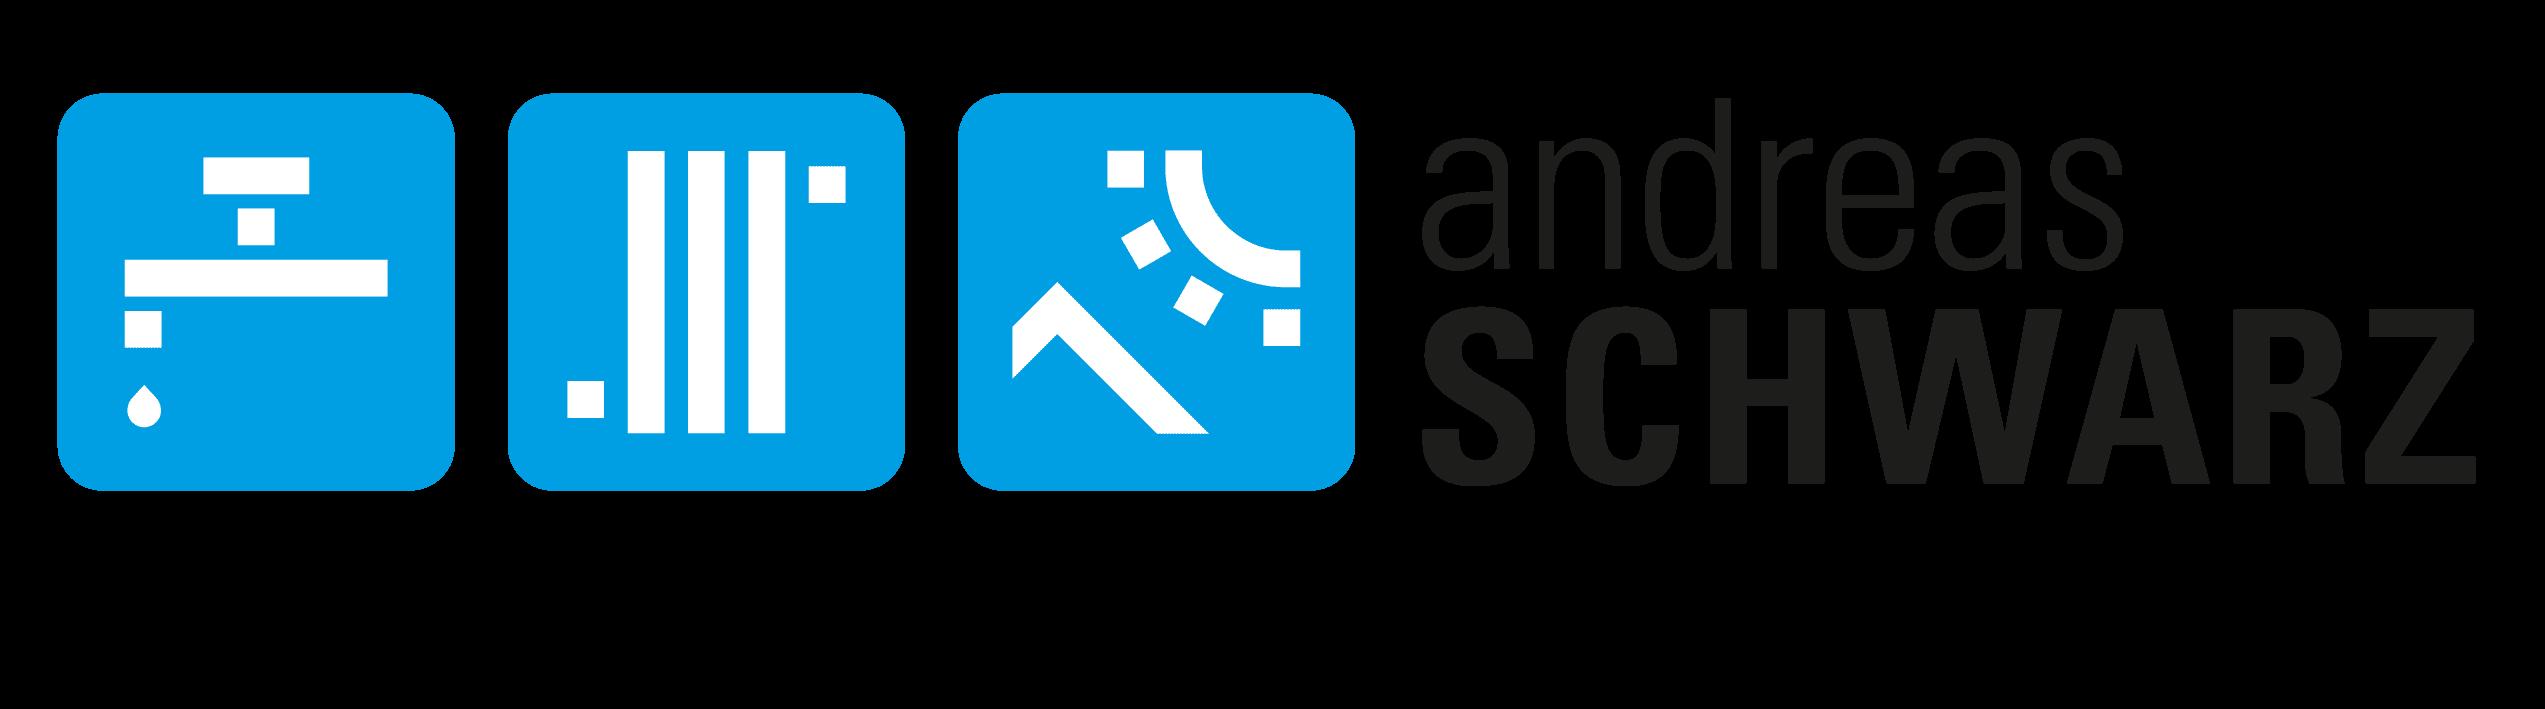 Andreas Schwarz – Installateur- und Heizungsbauermeister